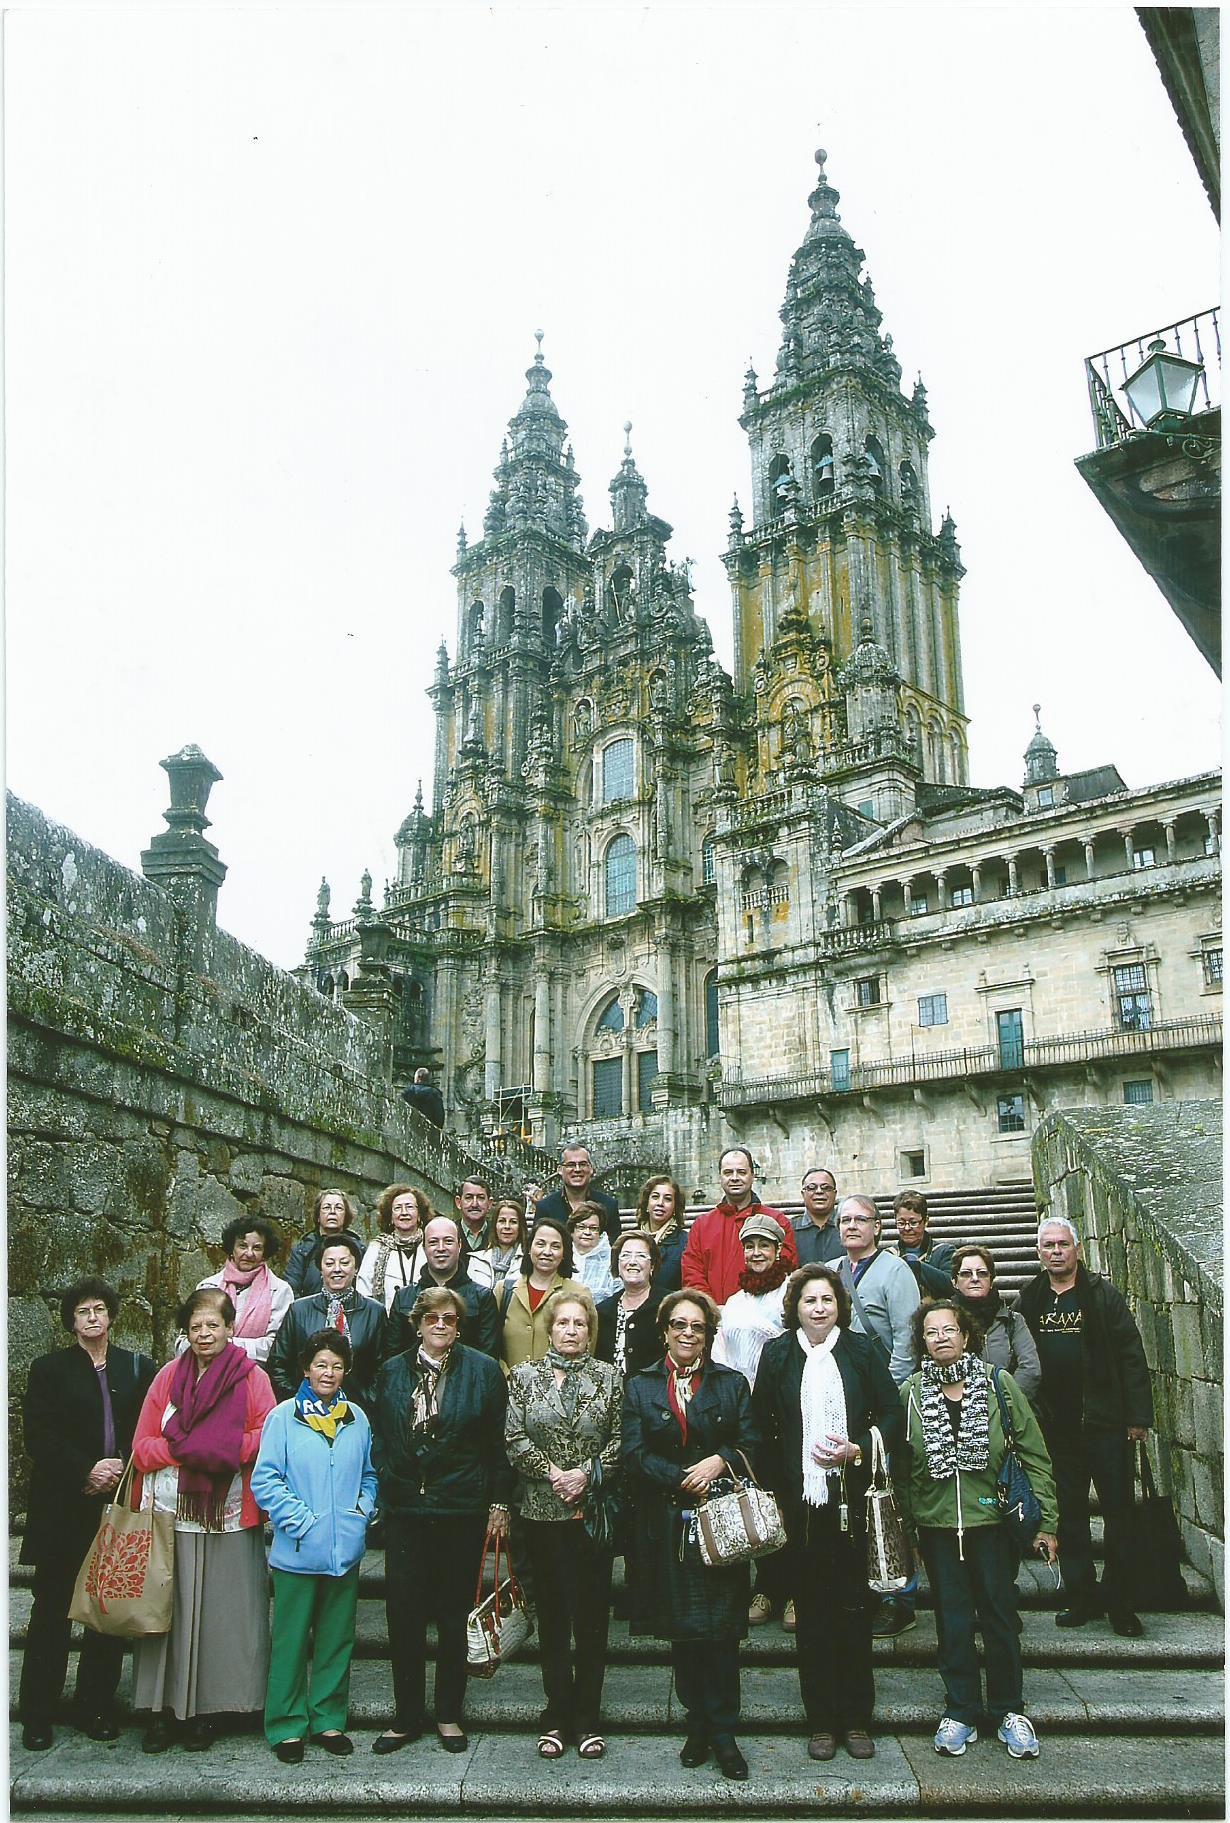 Cassimiro 2013 - Santiago de Compostela